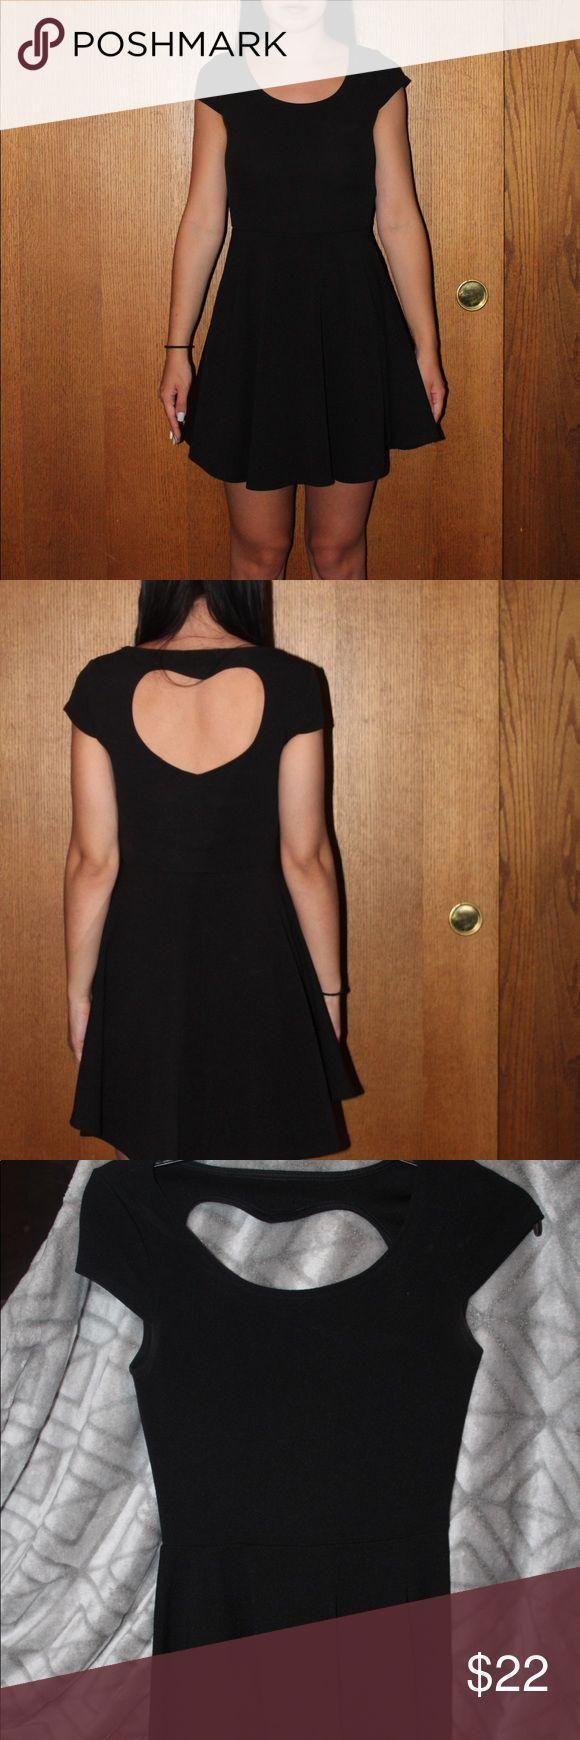 kleines schwarzes kleid (formell) das perfekte formelle